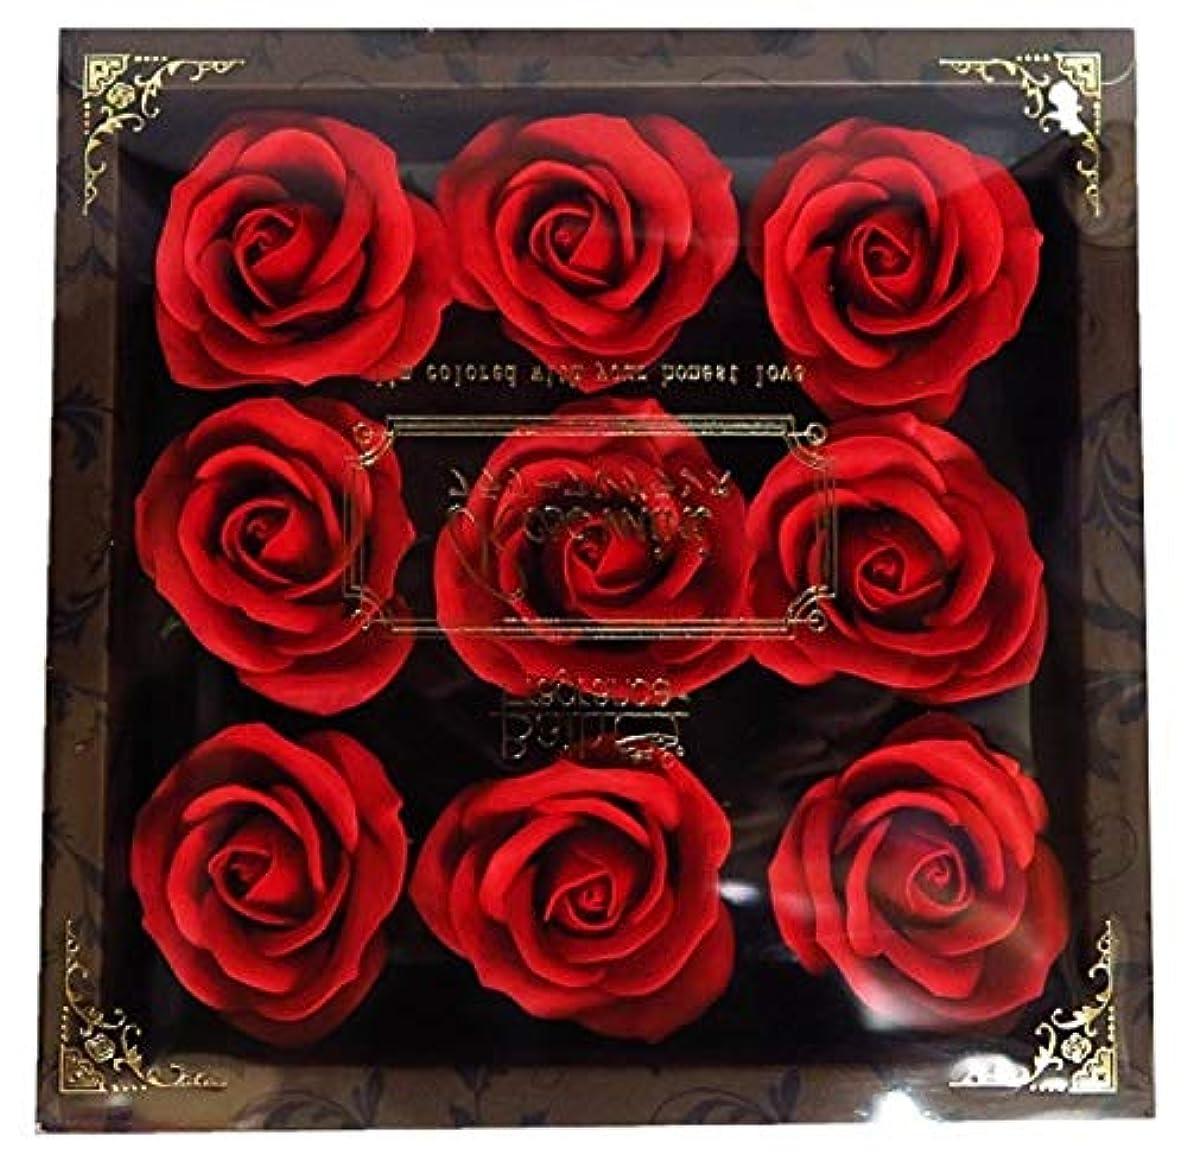 フィドルオプション柔和バスフレグランス フラワーフレグランス ミニローズフレグランス(L)レッド ギフト お花の形の入浴剤 プレゼント ばら